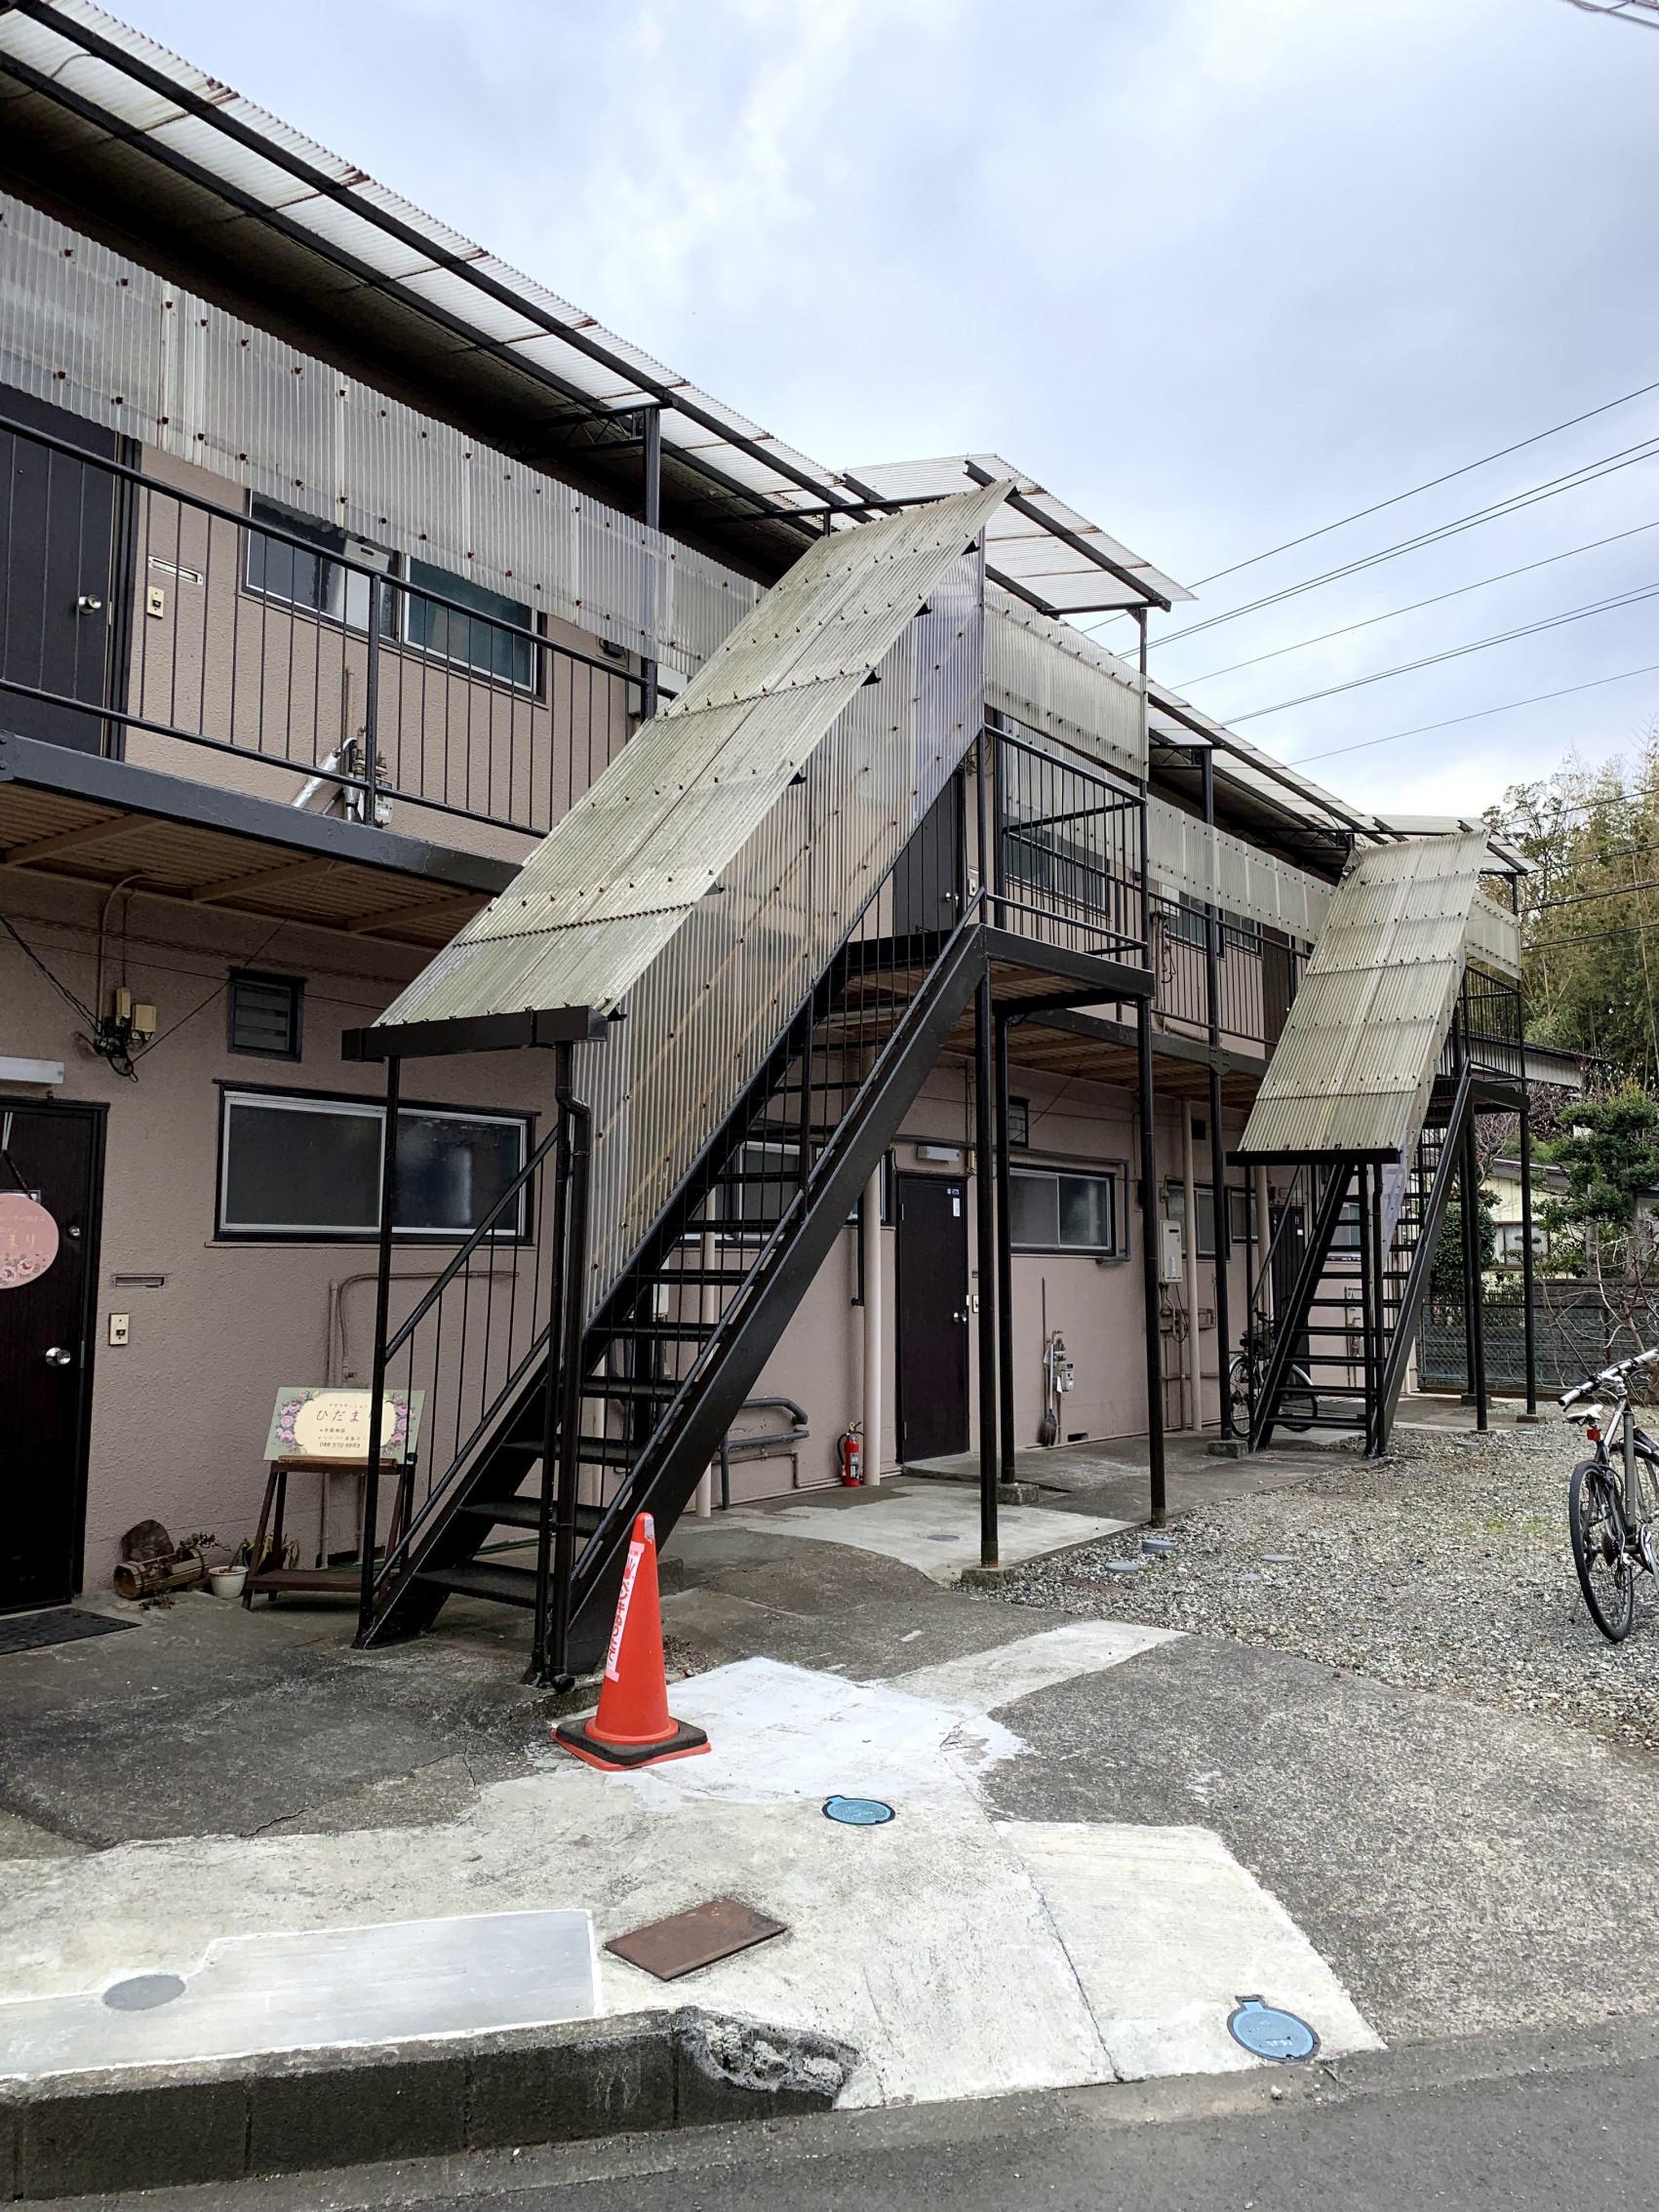 アパート鉄骨階段画像02